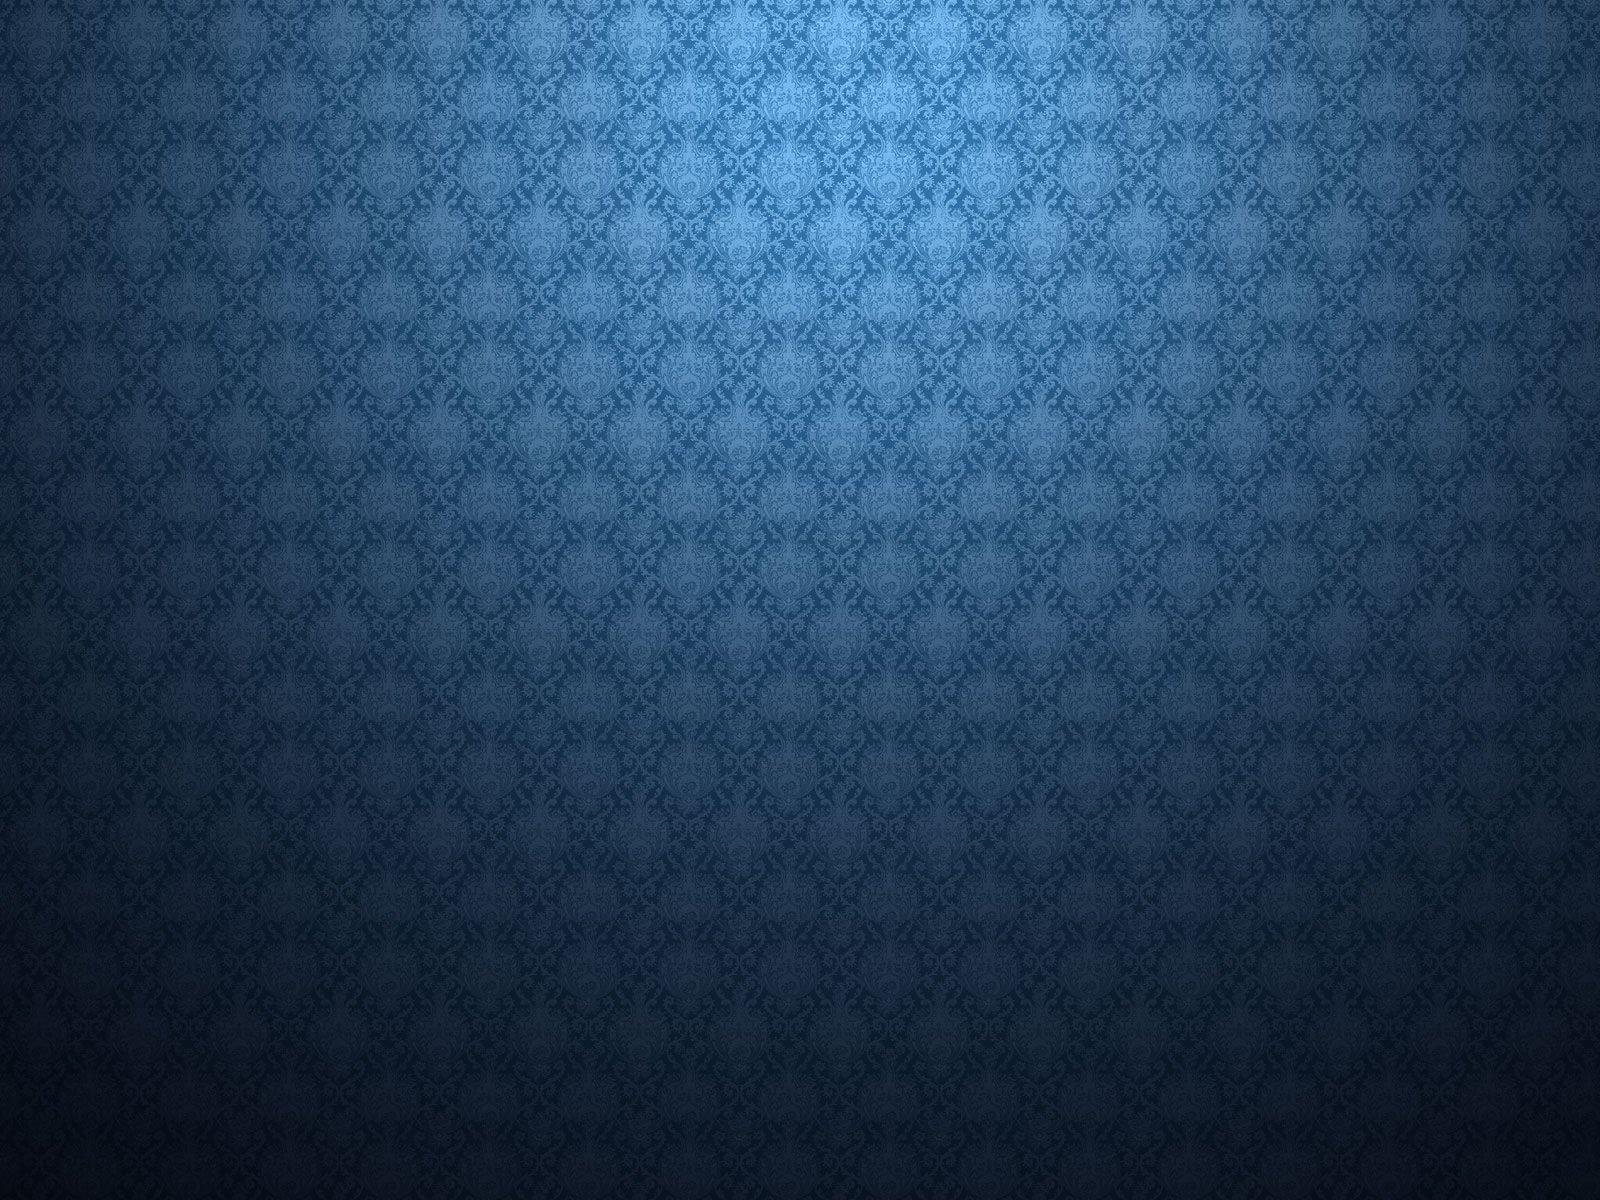 синяя текстура  № 1319238 загрузить